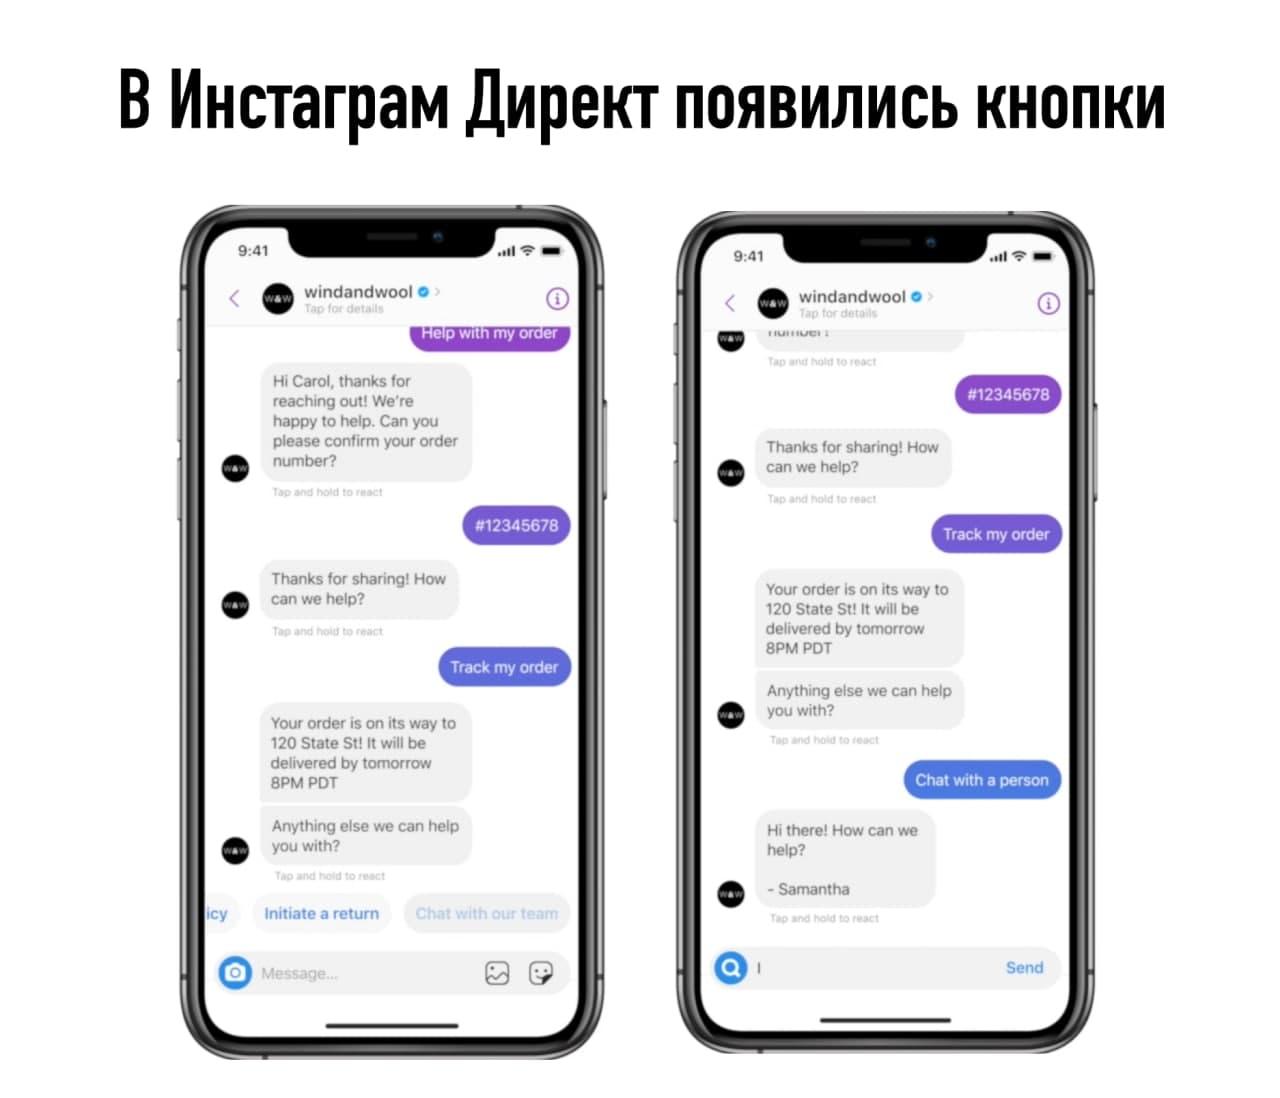 Инстаграм официально объявил о запуске Instagram Messaging API